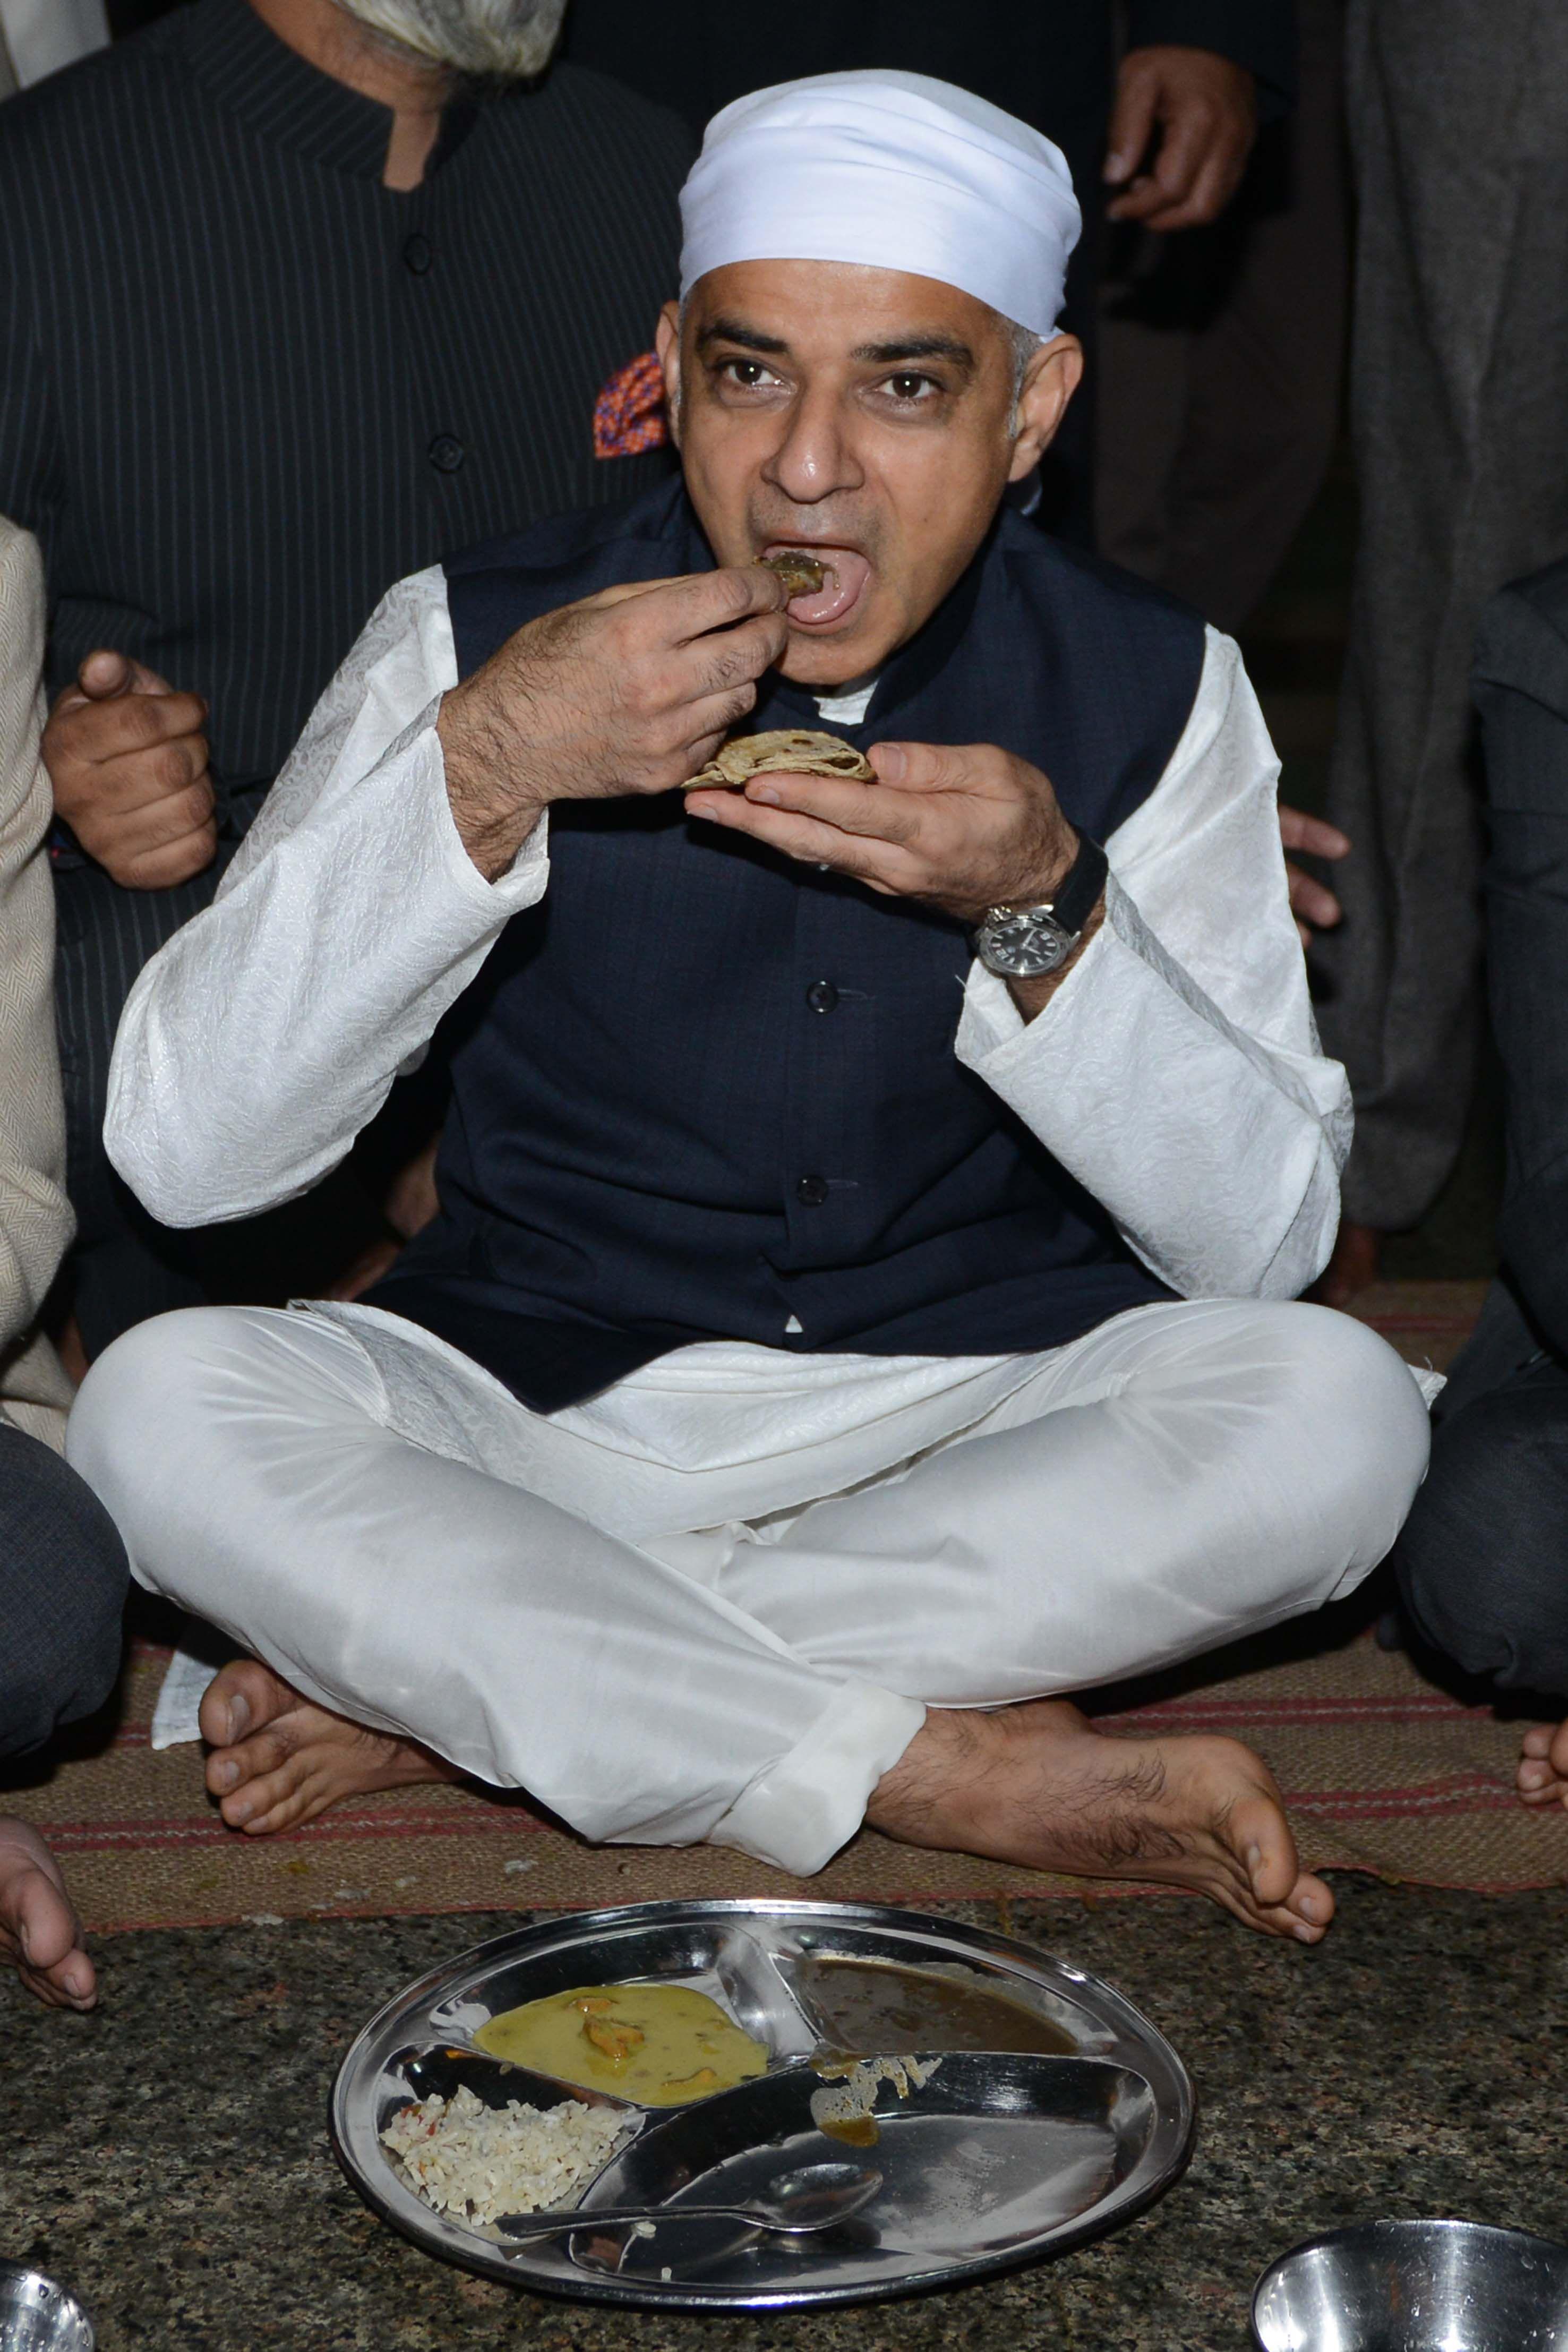 صادق خان يأكل مع أصحاب الديانة السيخية فى المعبد الذهبى